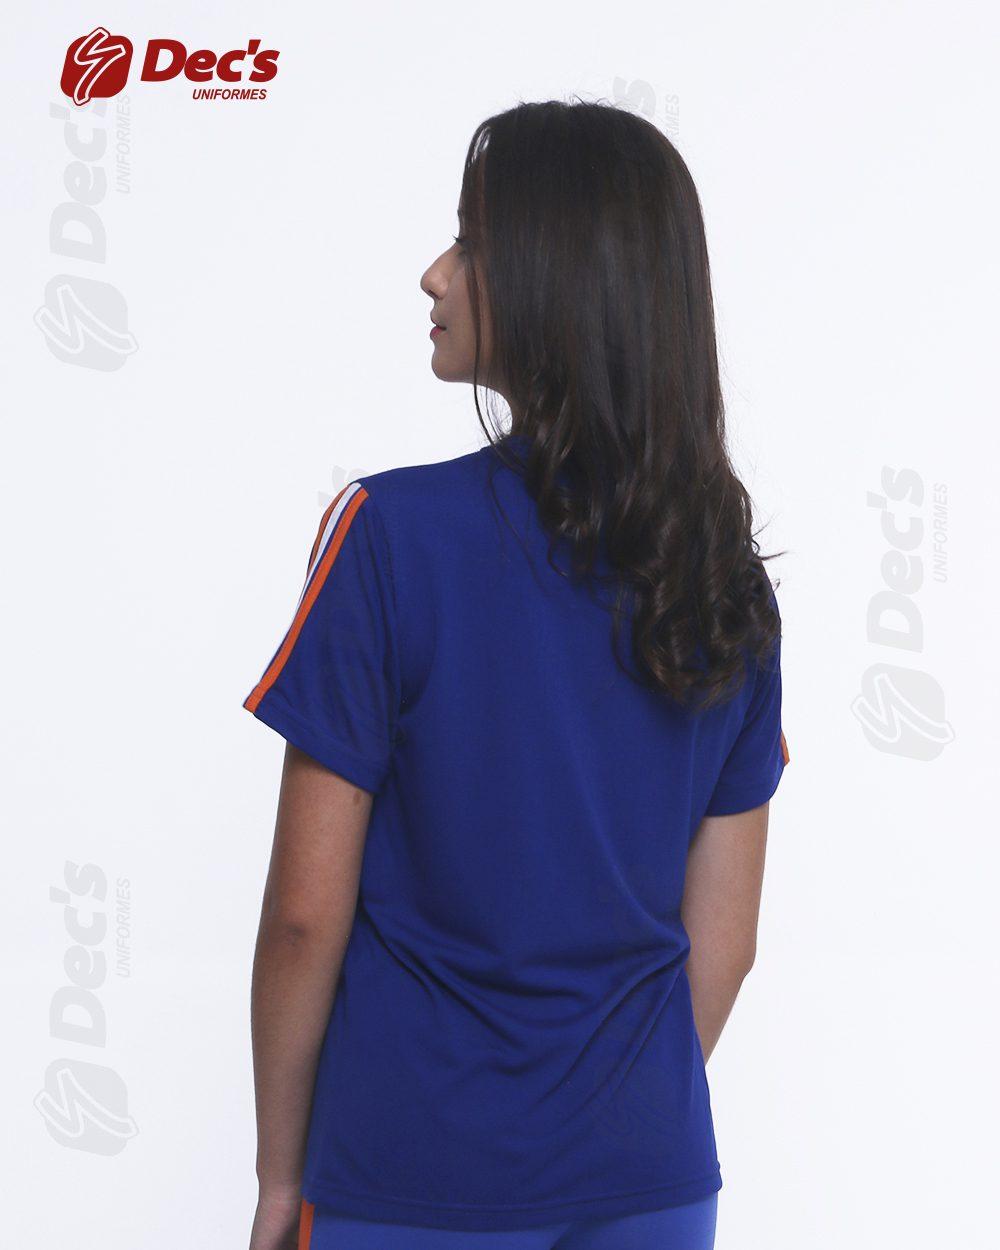 31f7cf16b3 Camiseta III – Dec s